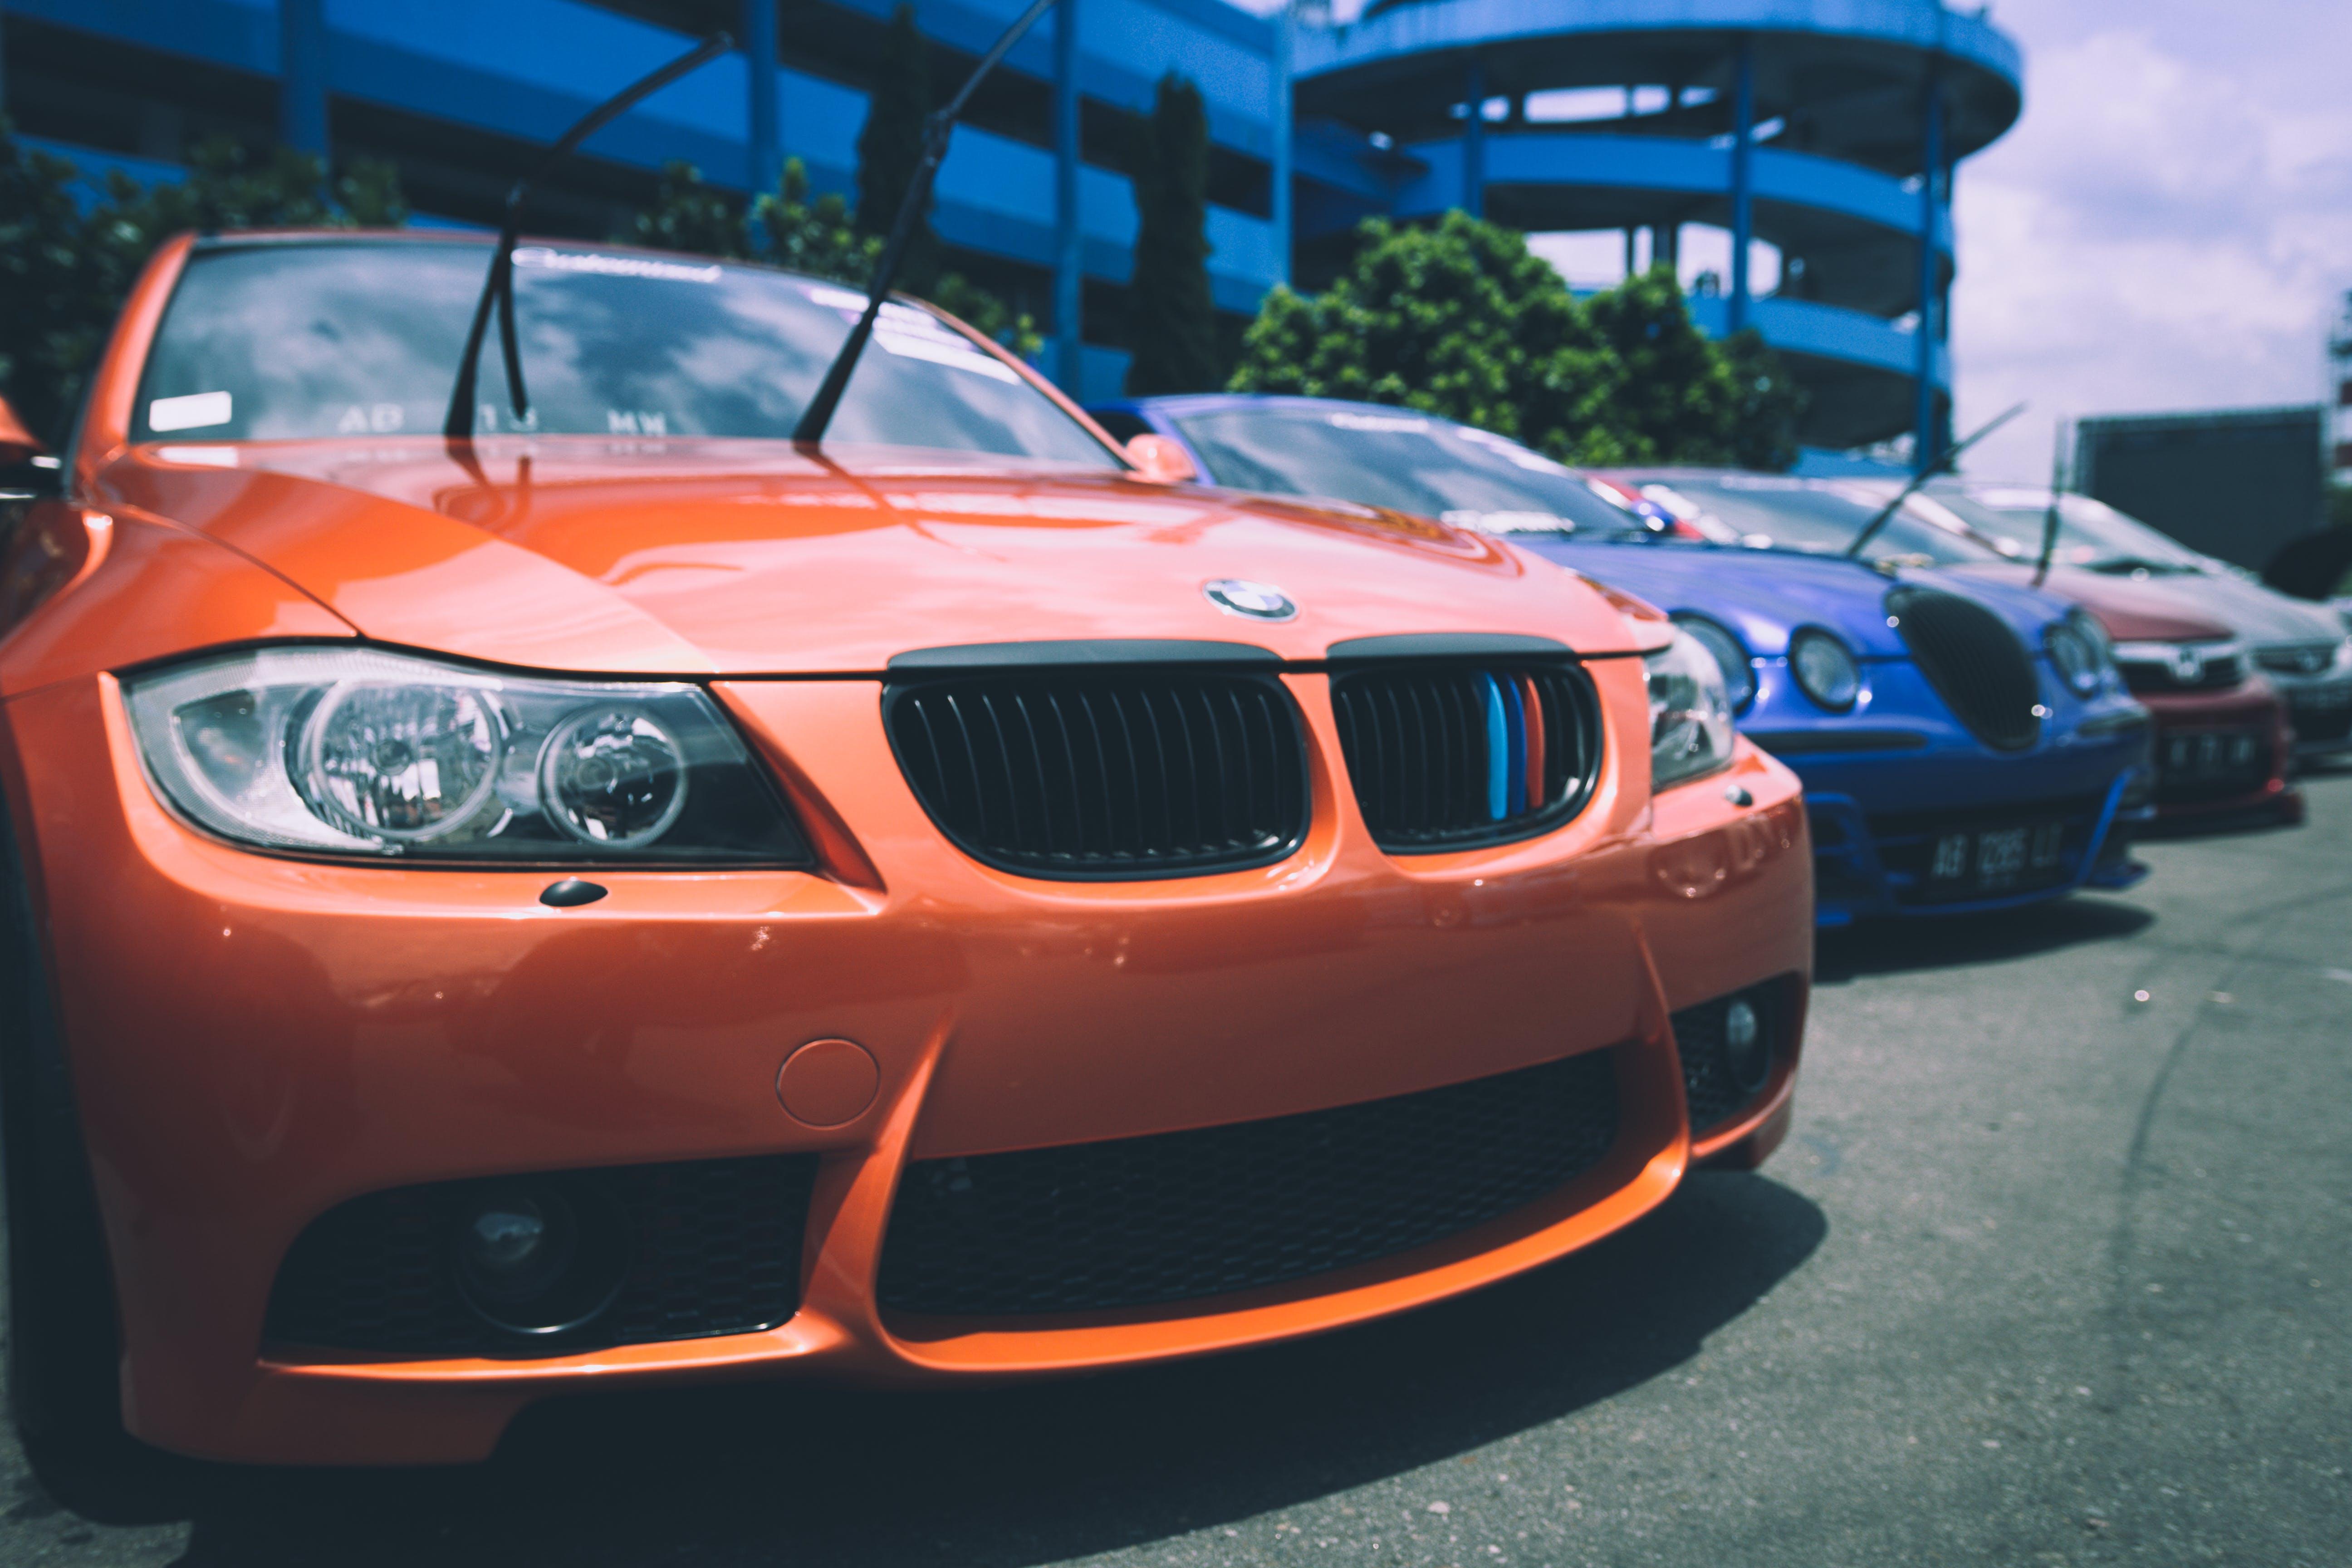 Orange Bmw Car Beside Blue Bugatti Car